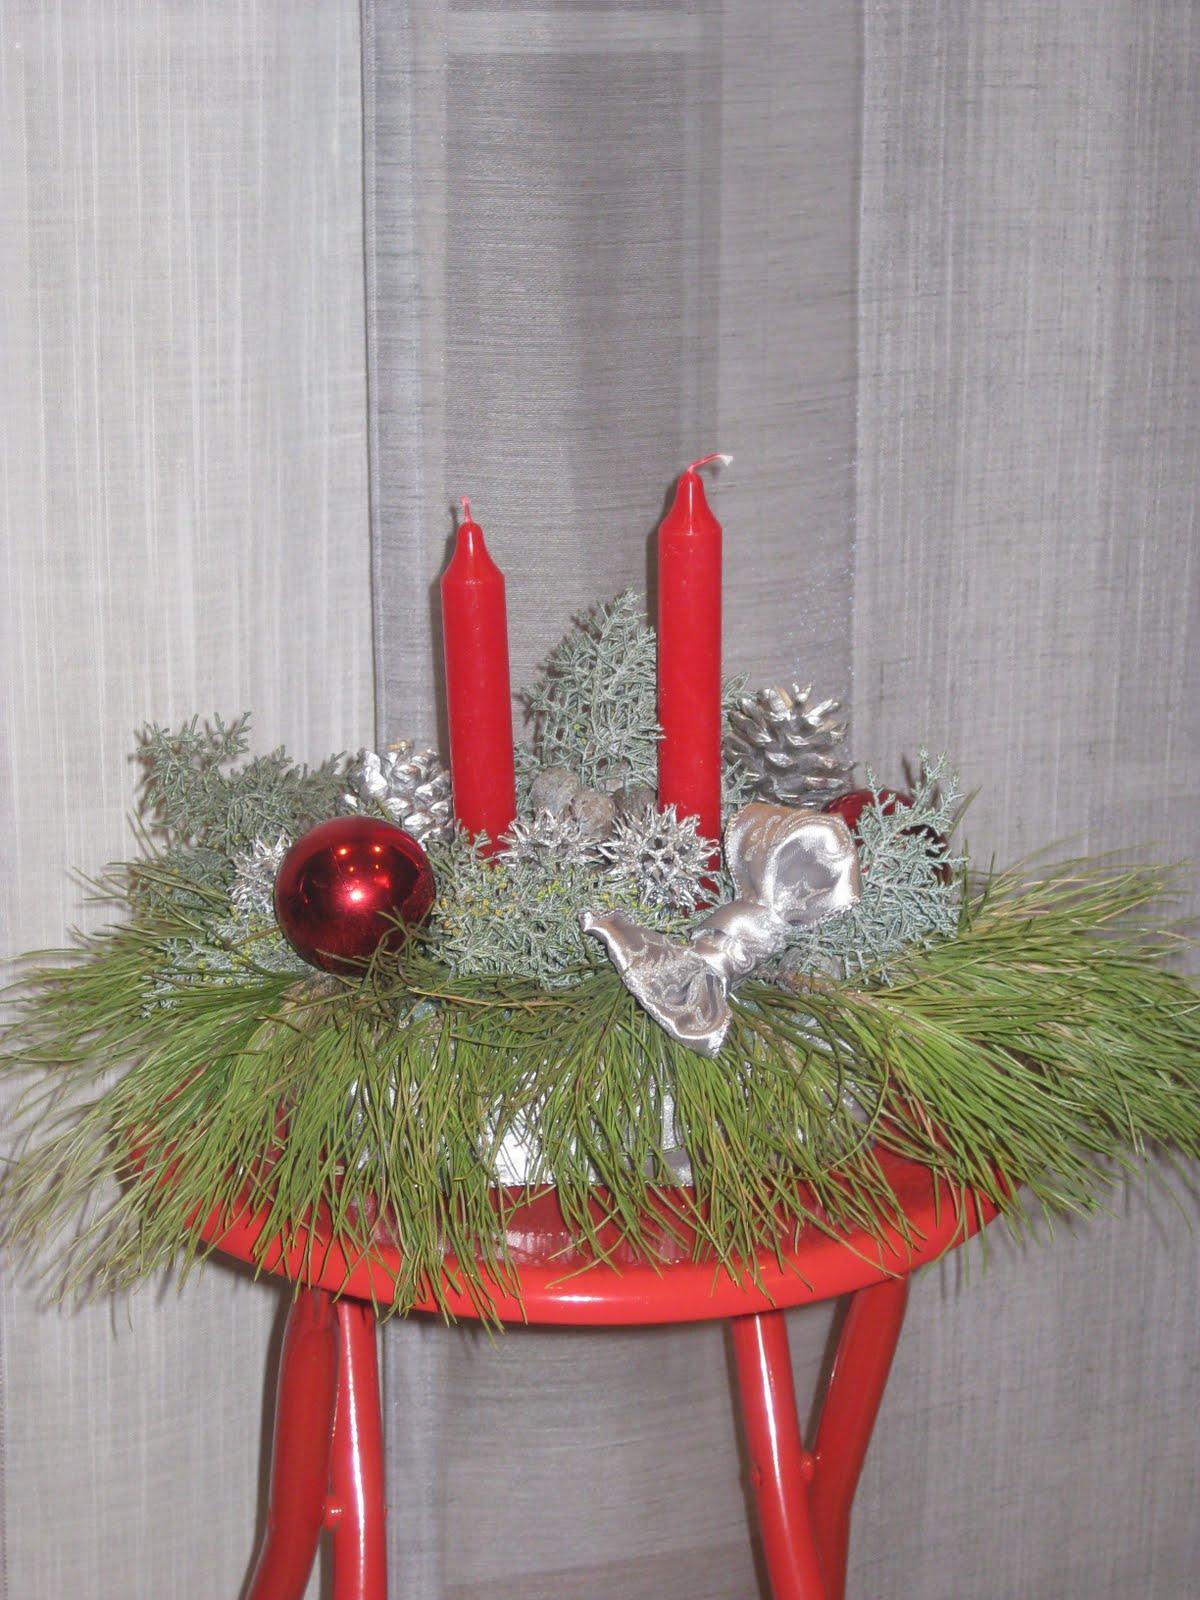 La rebotica centros de mesa navide os - Centros de mesa navidenos manualidades ...